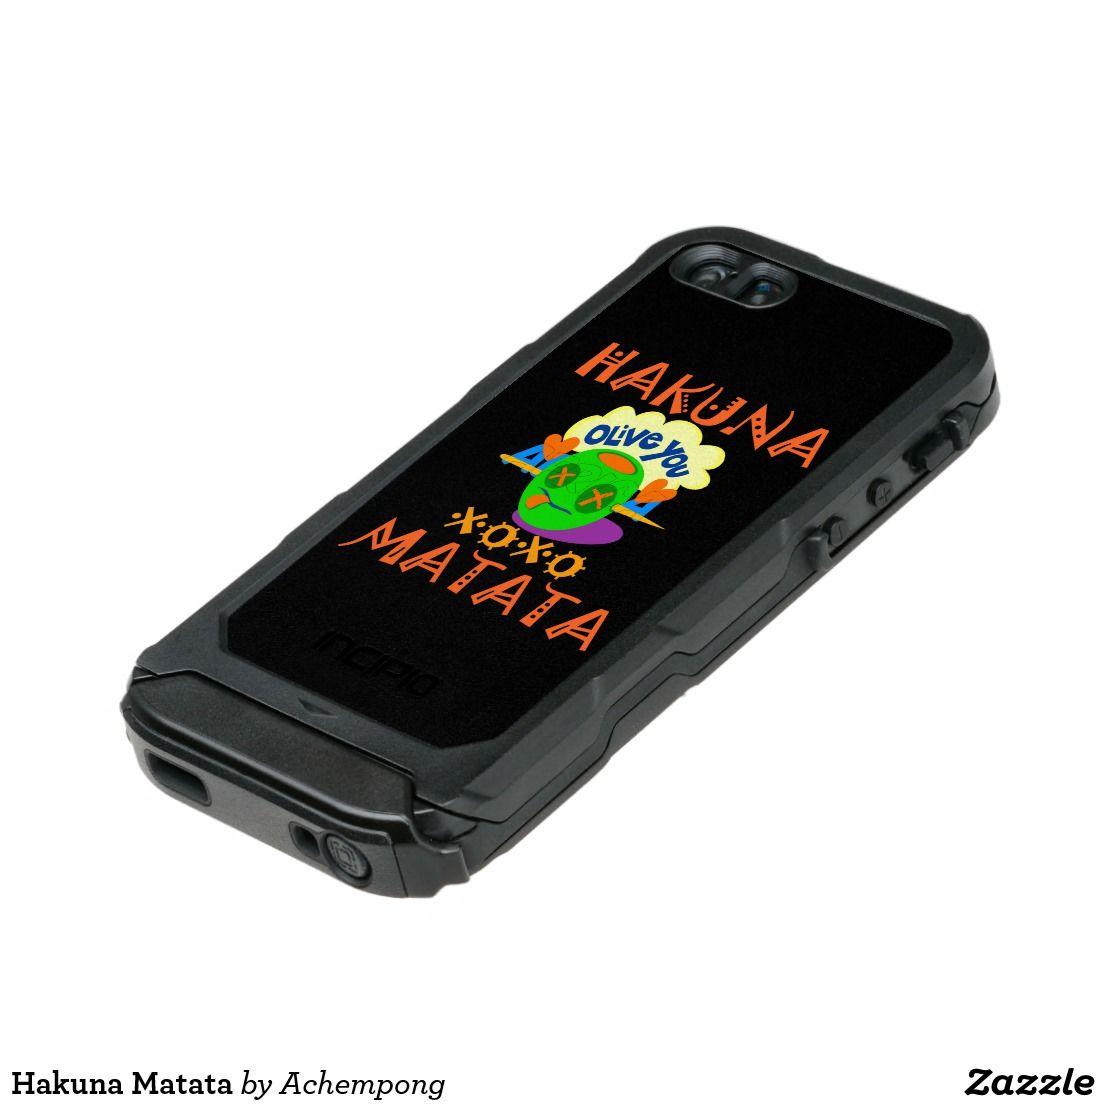 Hakuna matata incipio iphone case incipio